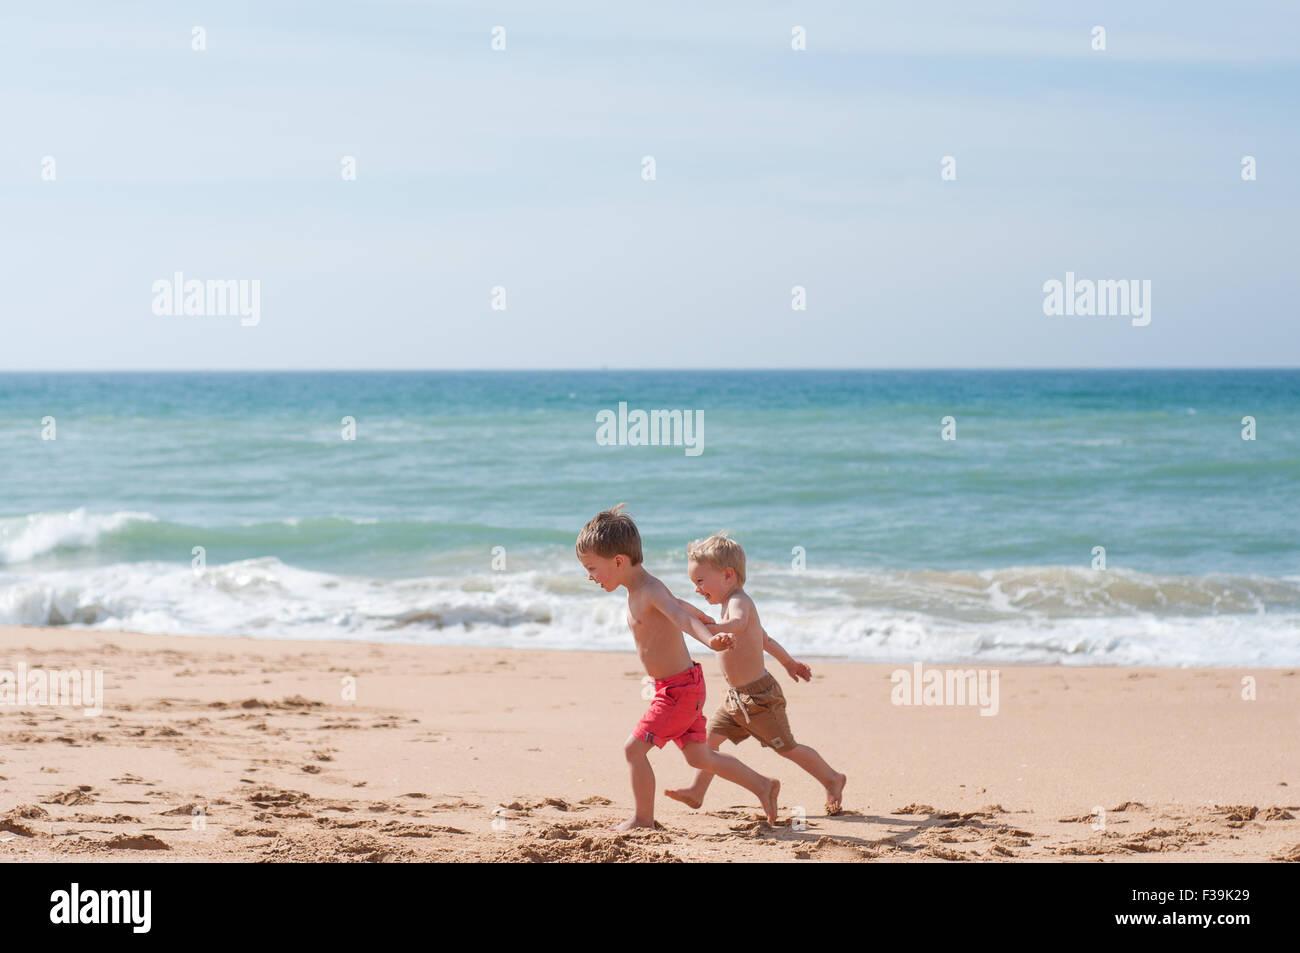 Deux garçons le long de la plage Photo Stock